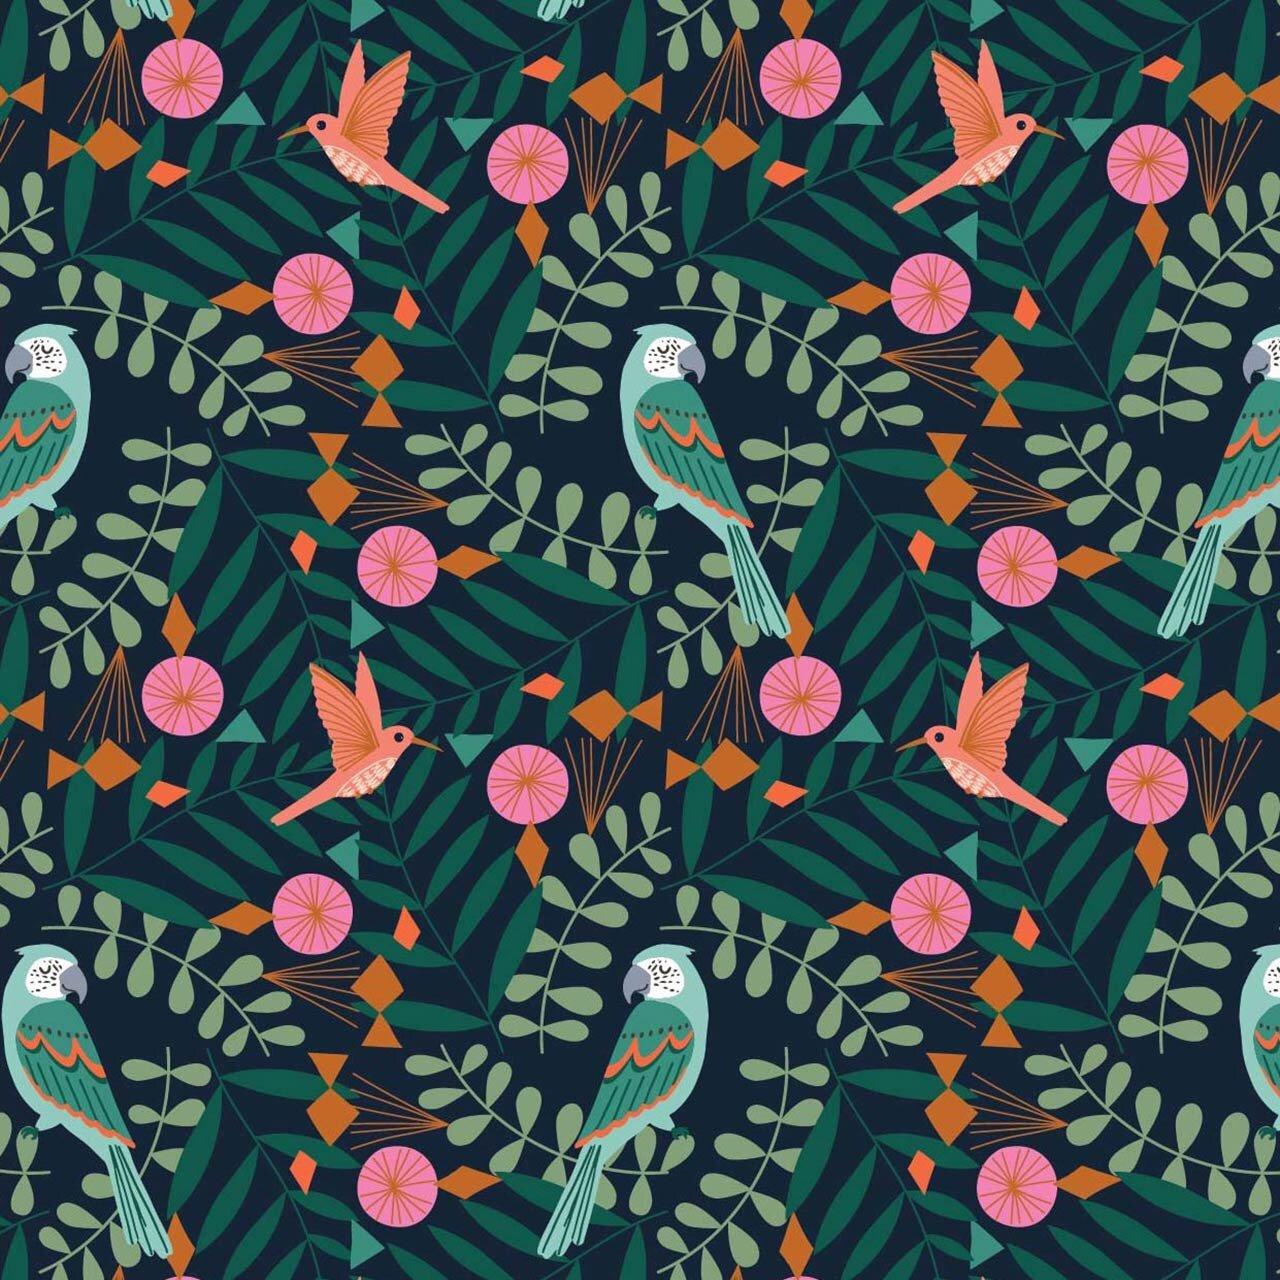 Our Planet - Parrots